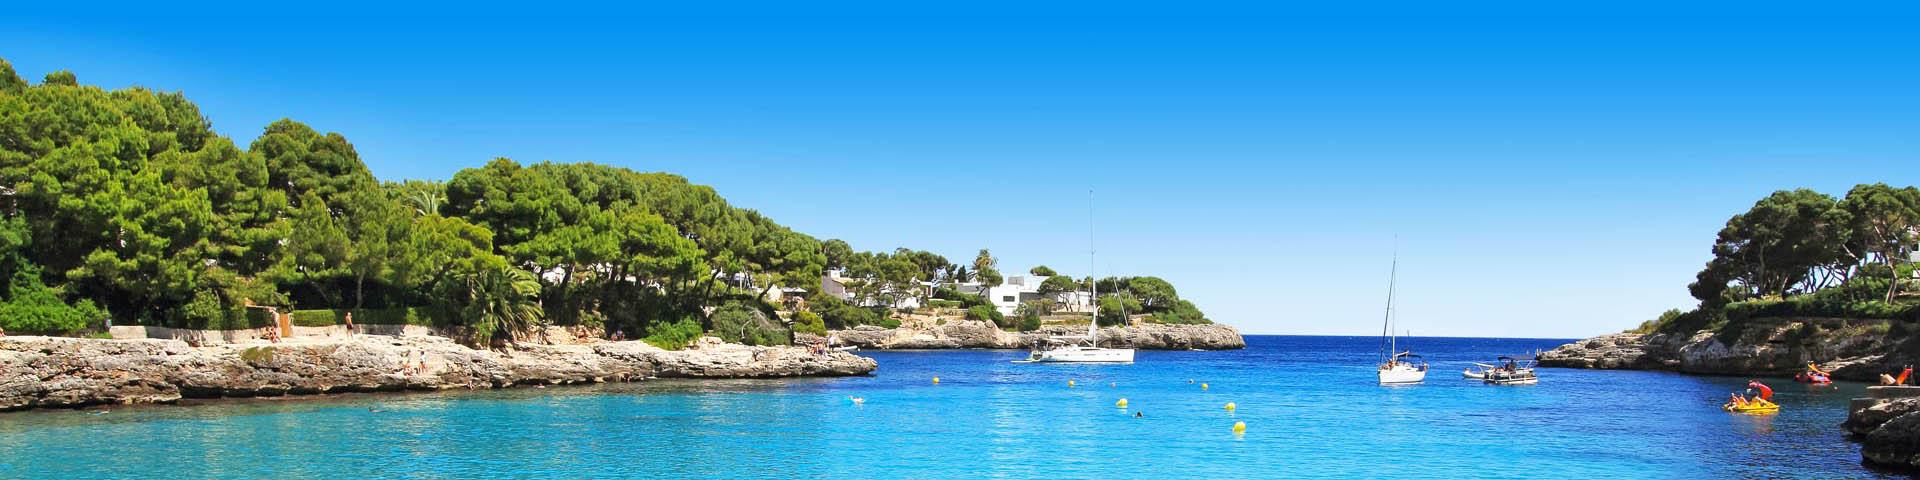 Bootje in de zee bij de rotsen van Cala d'Or op Mallorca